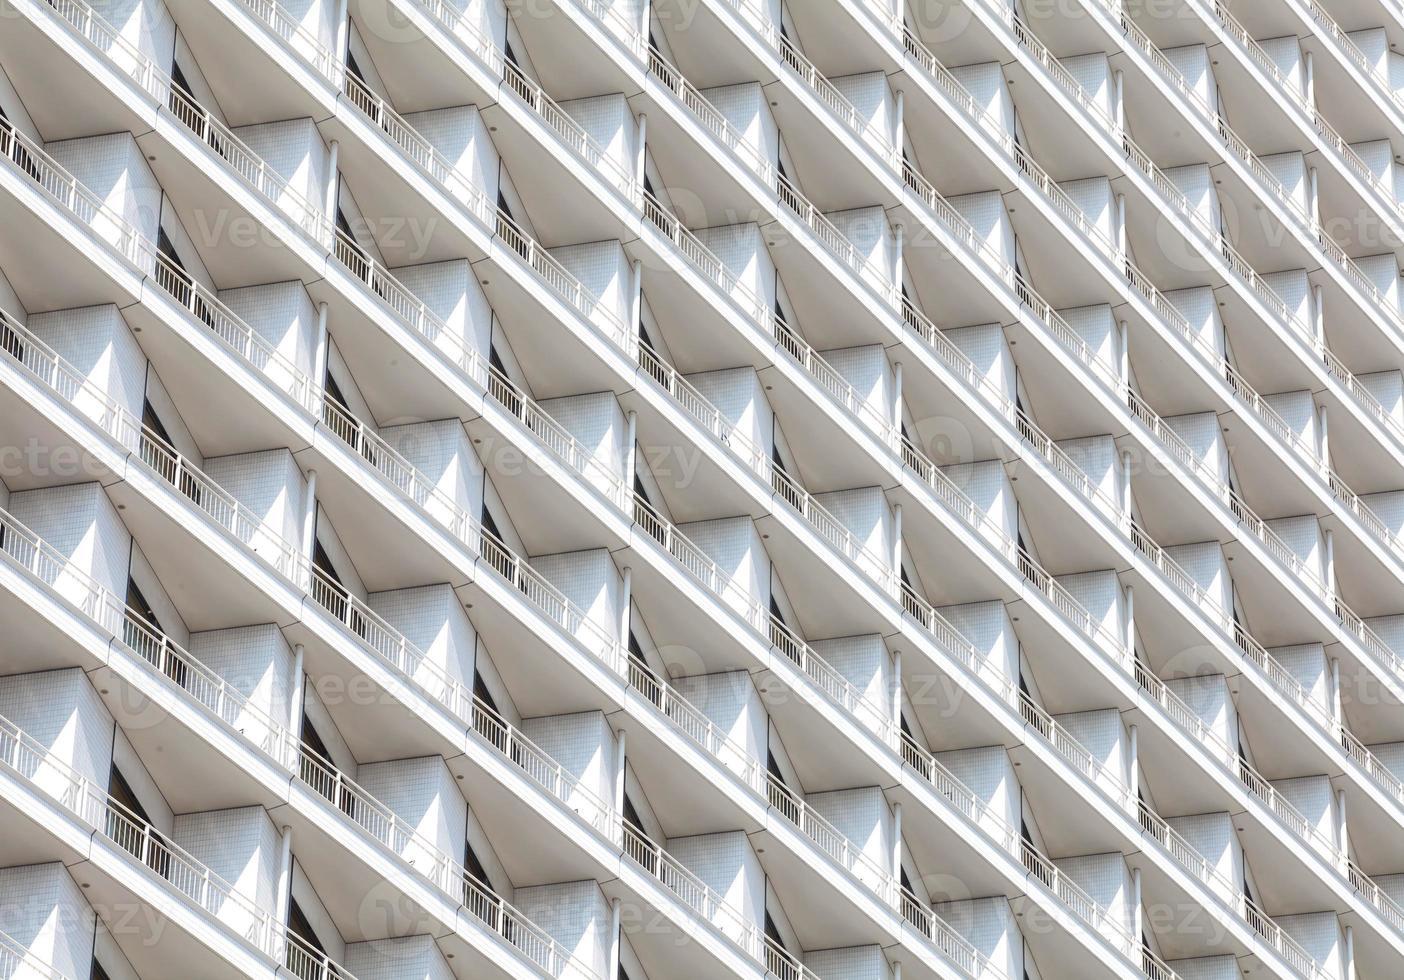 détail des fenêtres en hauteur photo